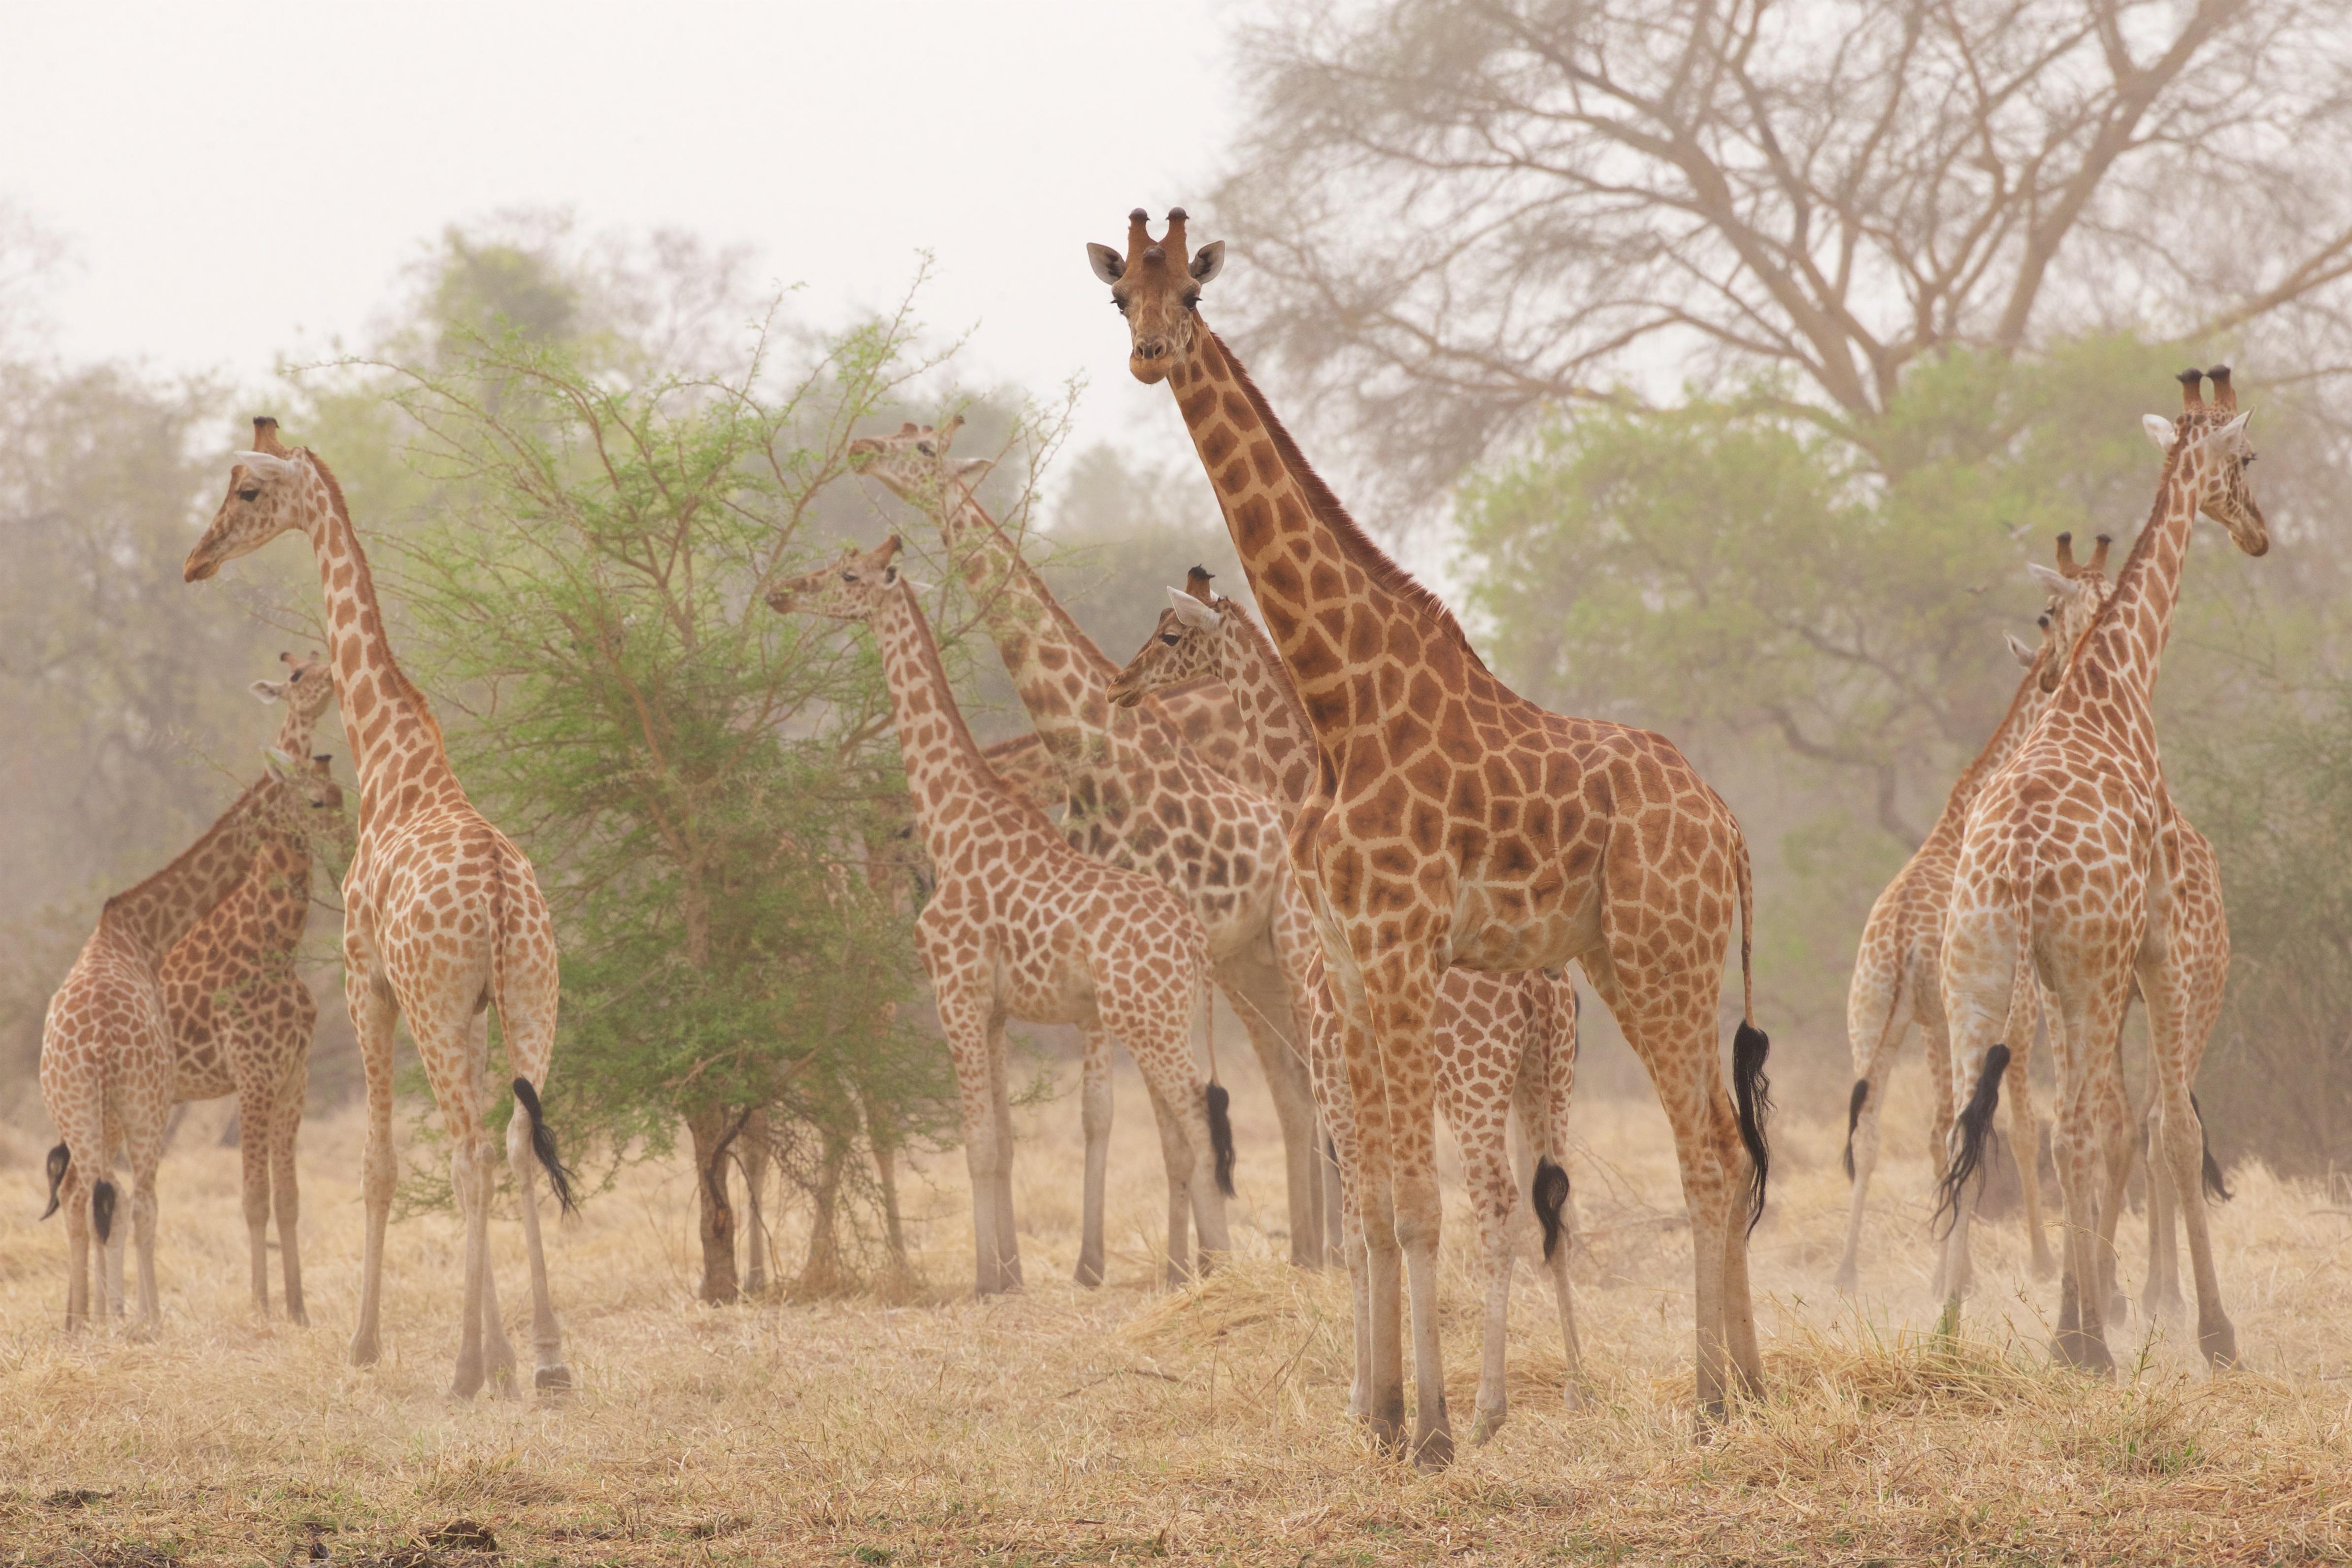 Kordofian-giraffe-Michael-Lorentz